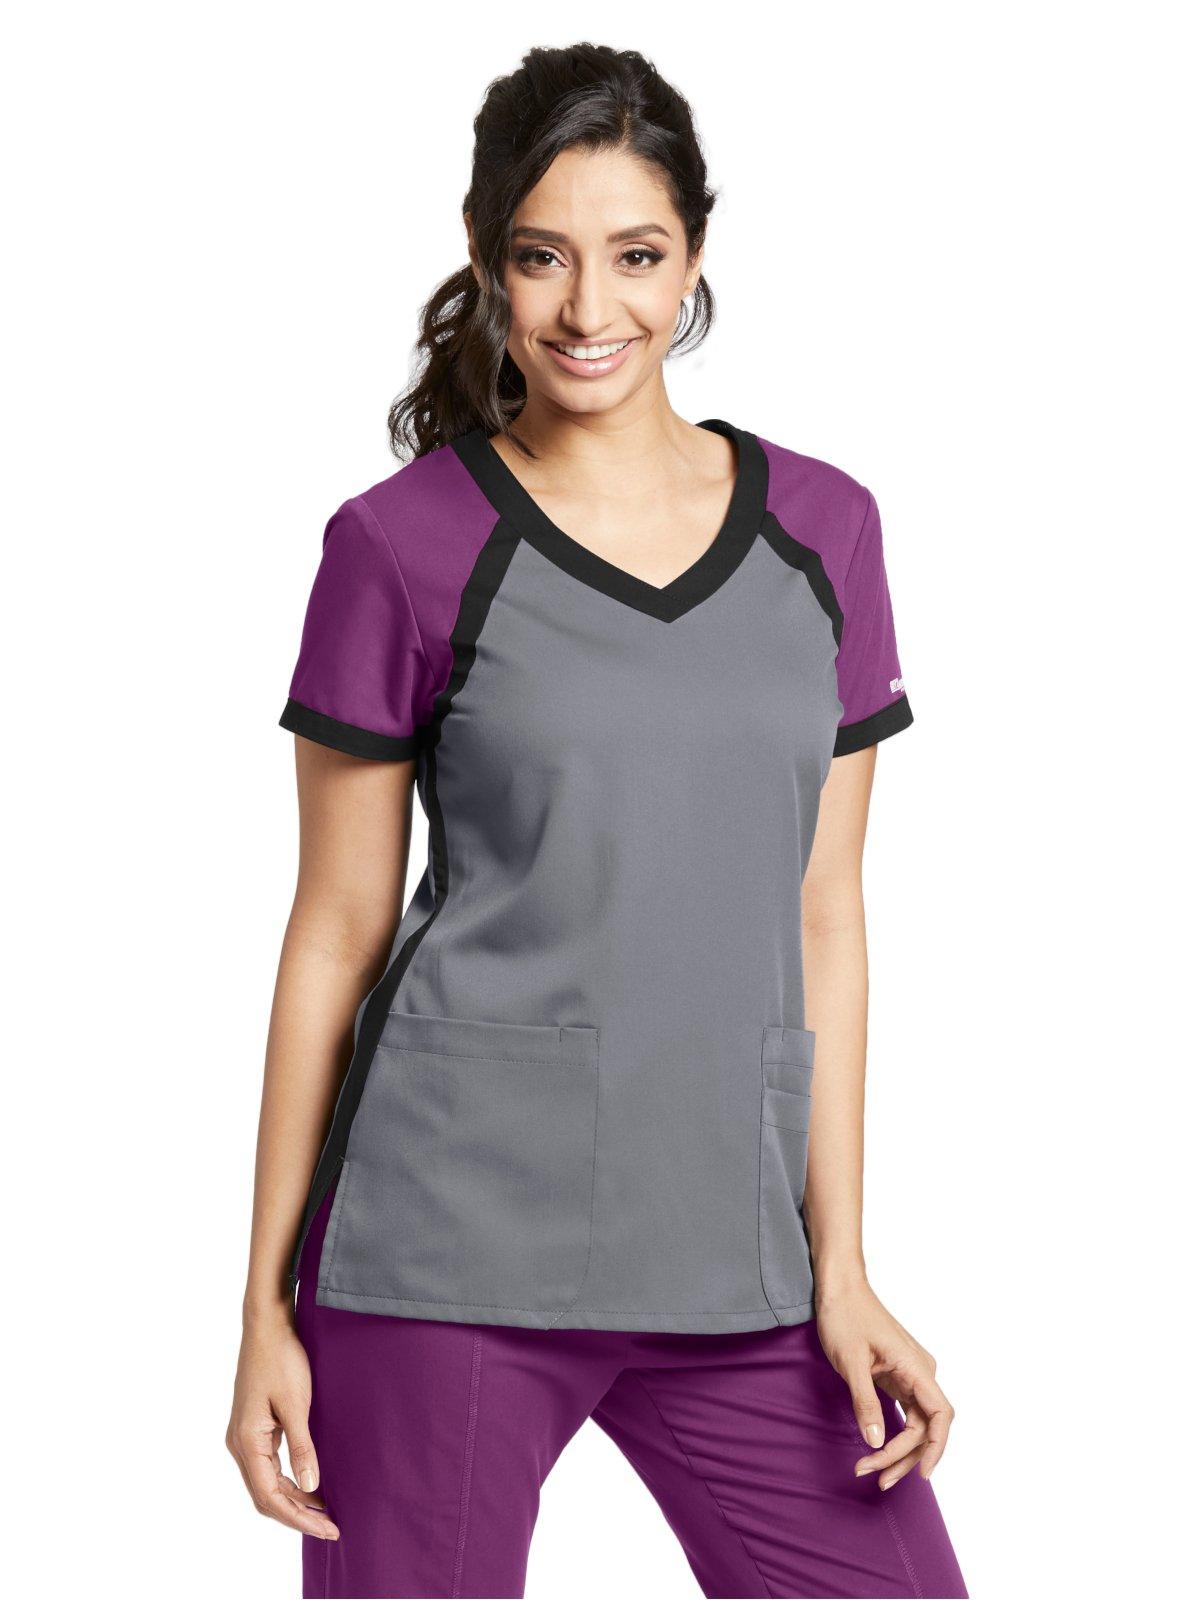 Grey's Anatomy Active 41435 Color Block V-Neck Top Granite/Very Berry/Black 2XL